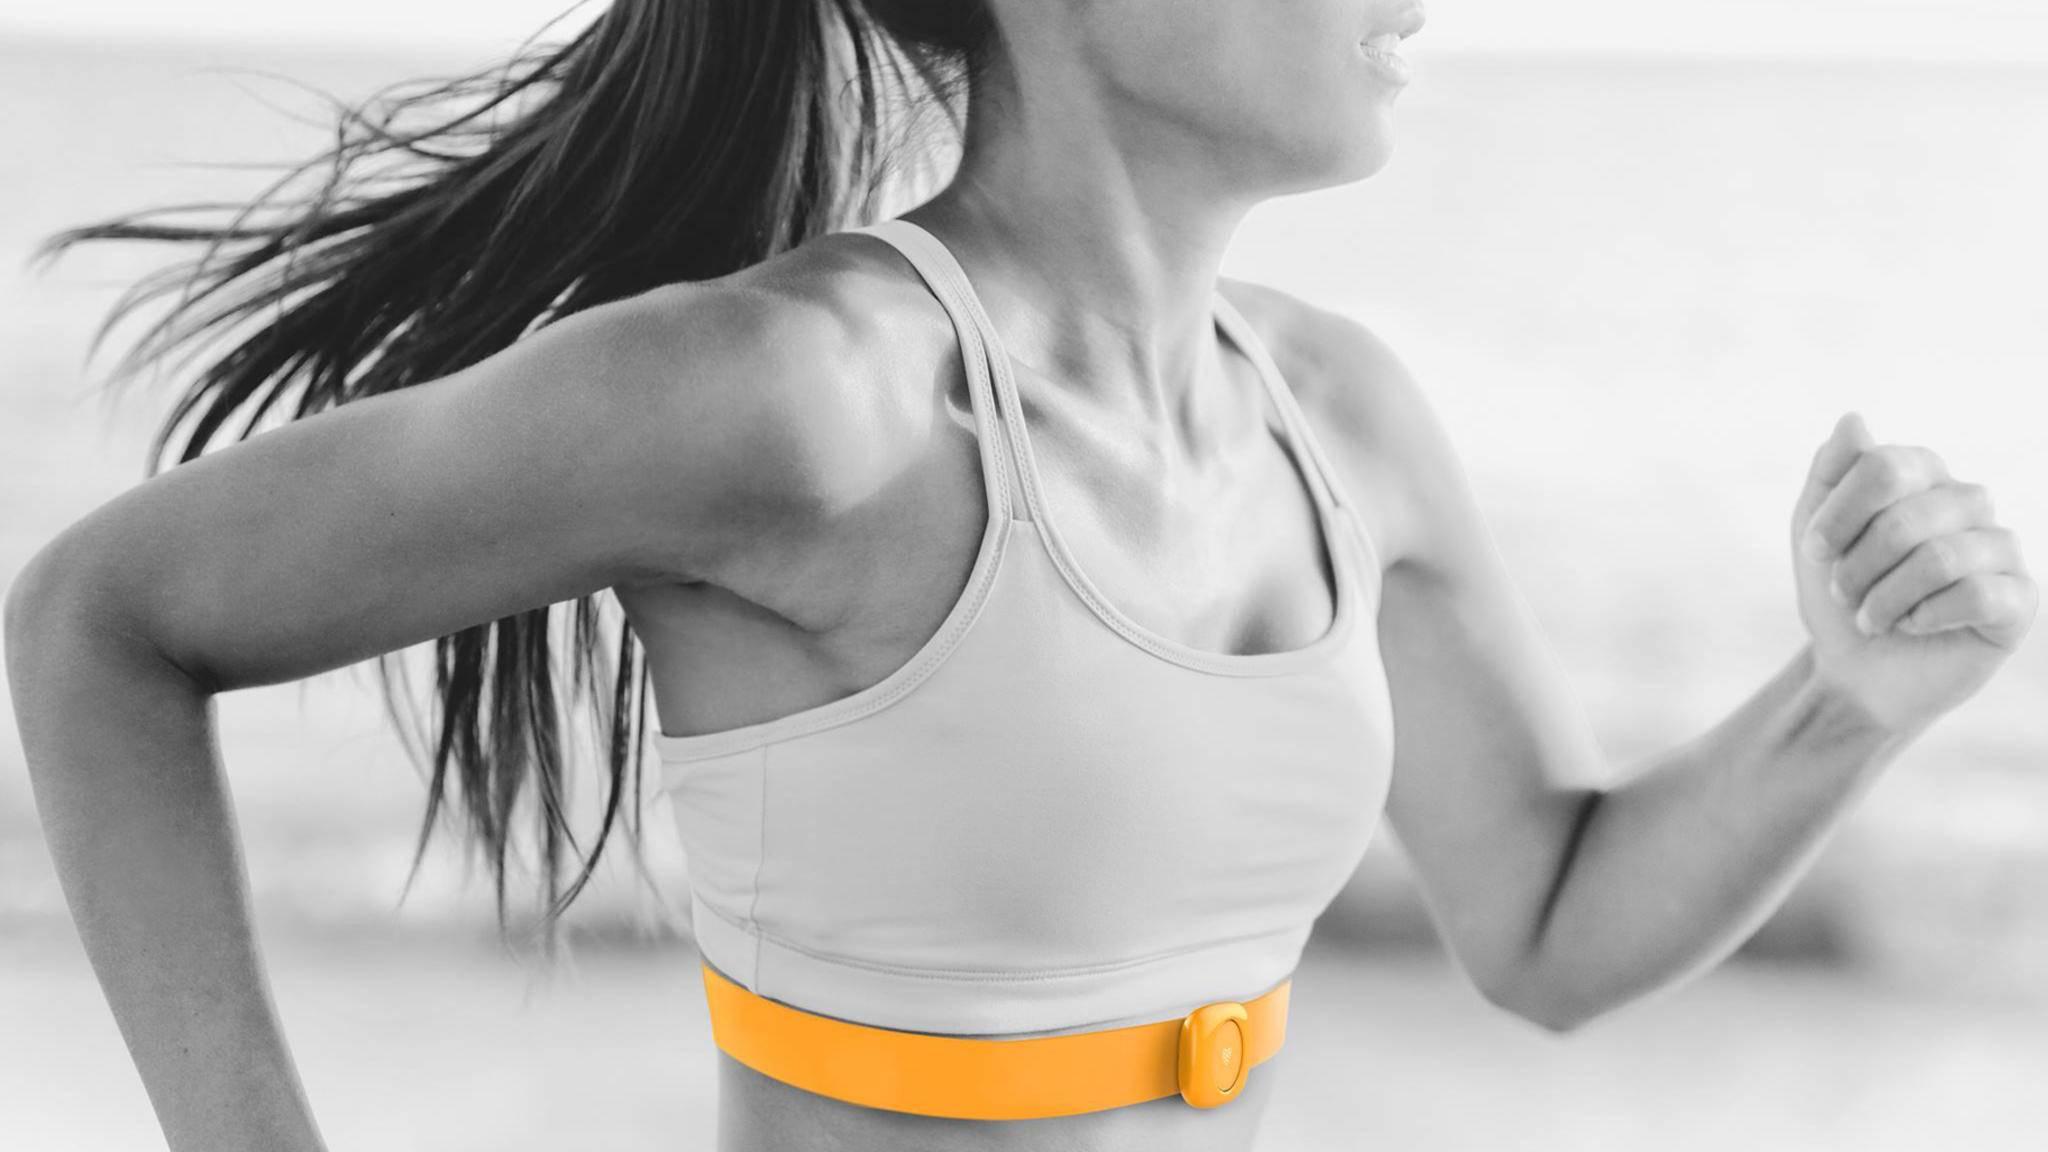 Bei Heartbit soll der Brustgurt in die Kleidung integriert werden.